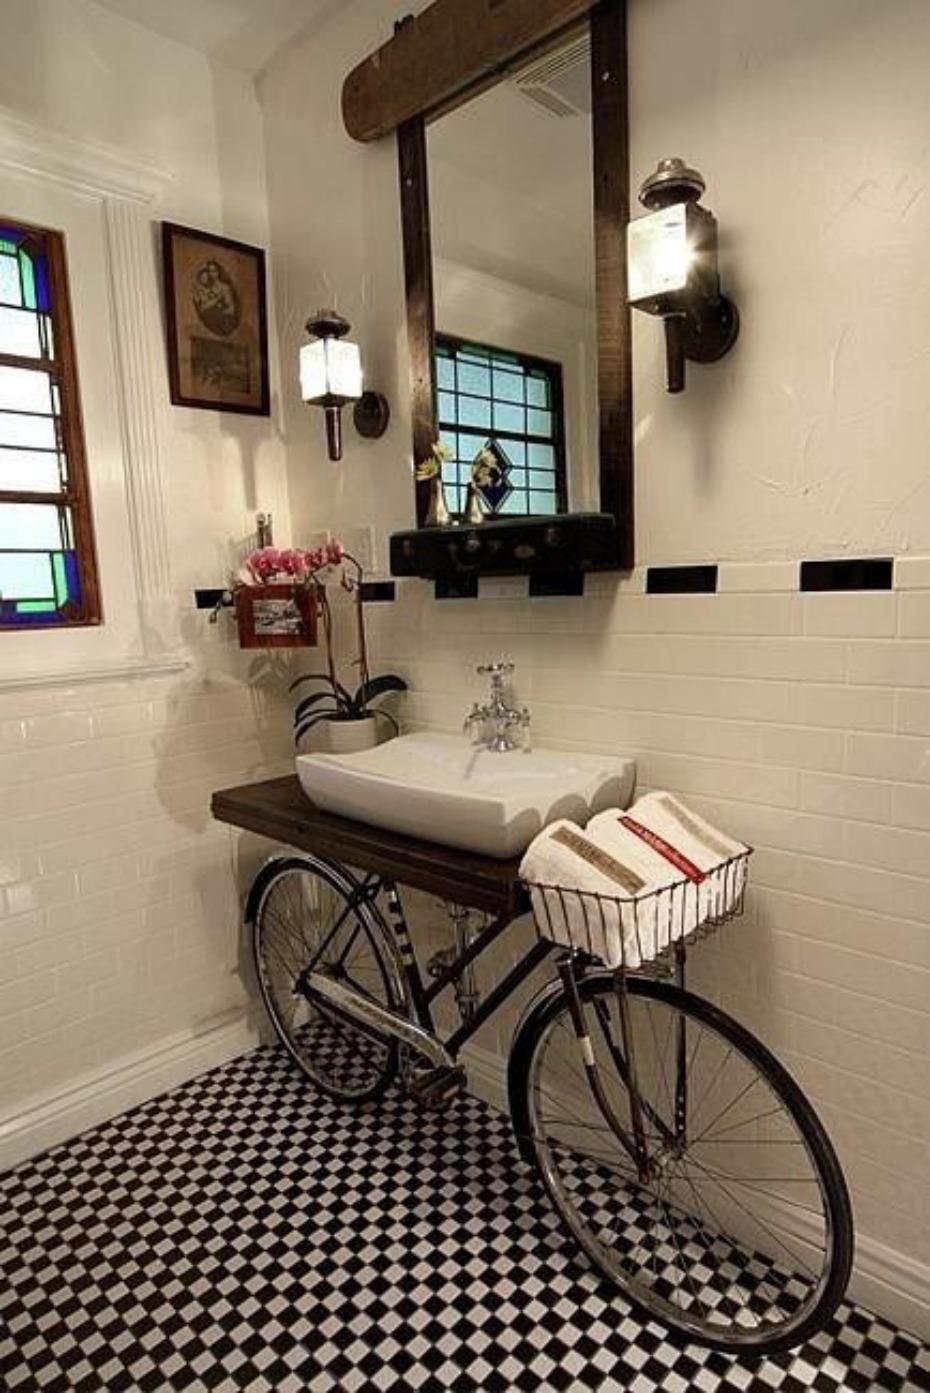 bicicleta lavabo